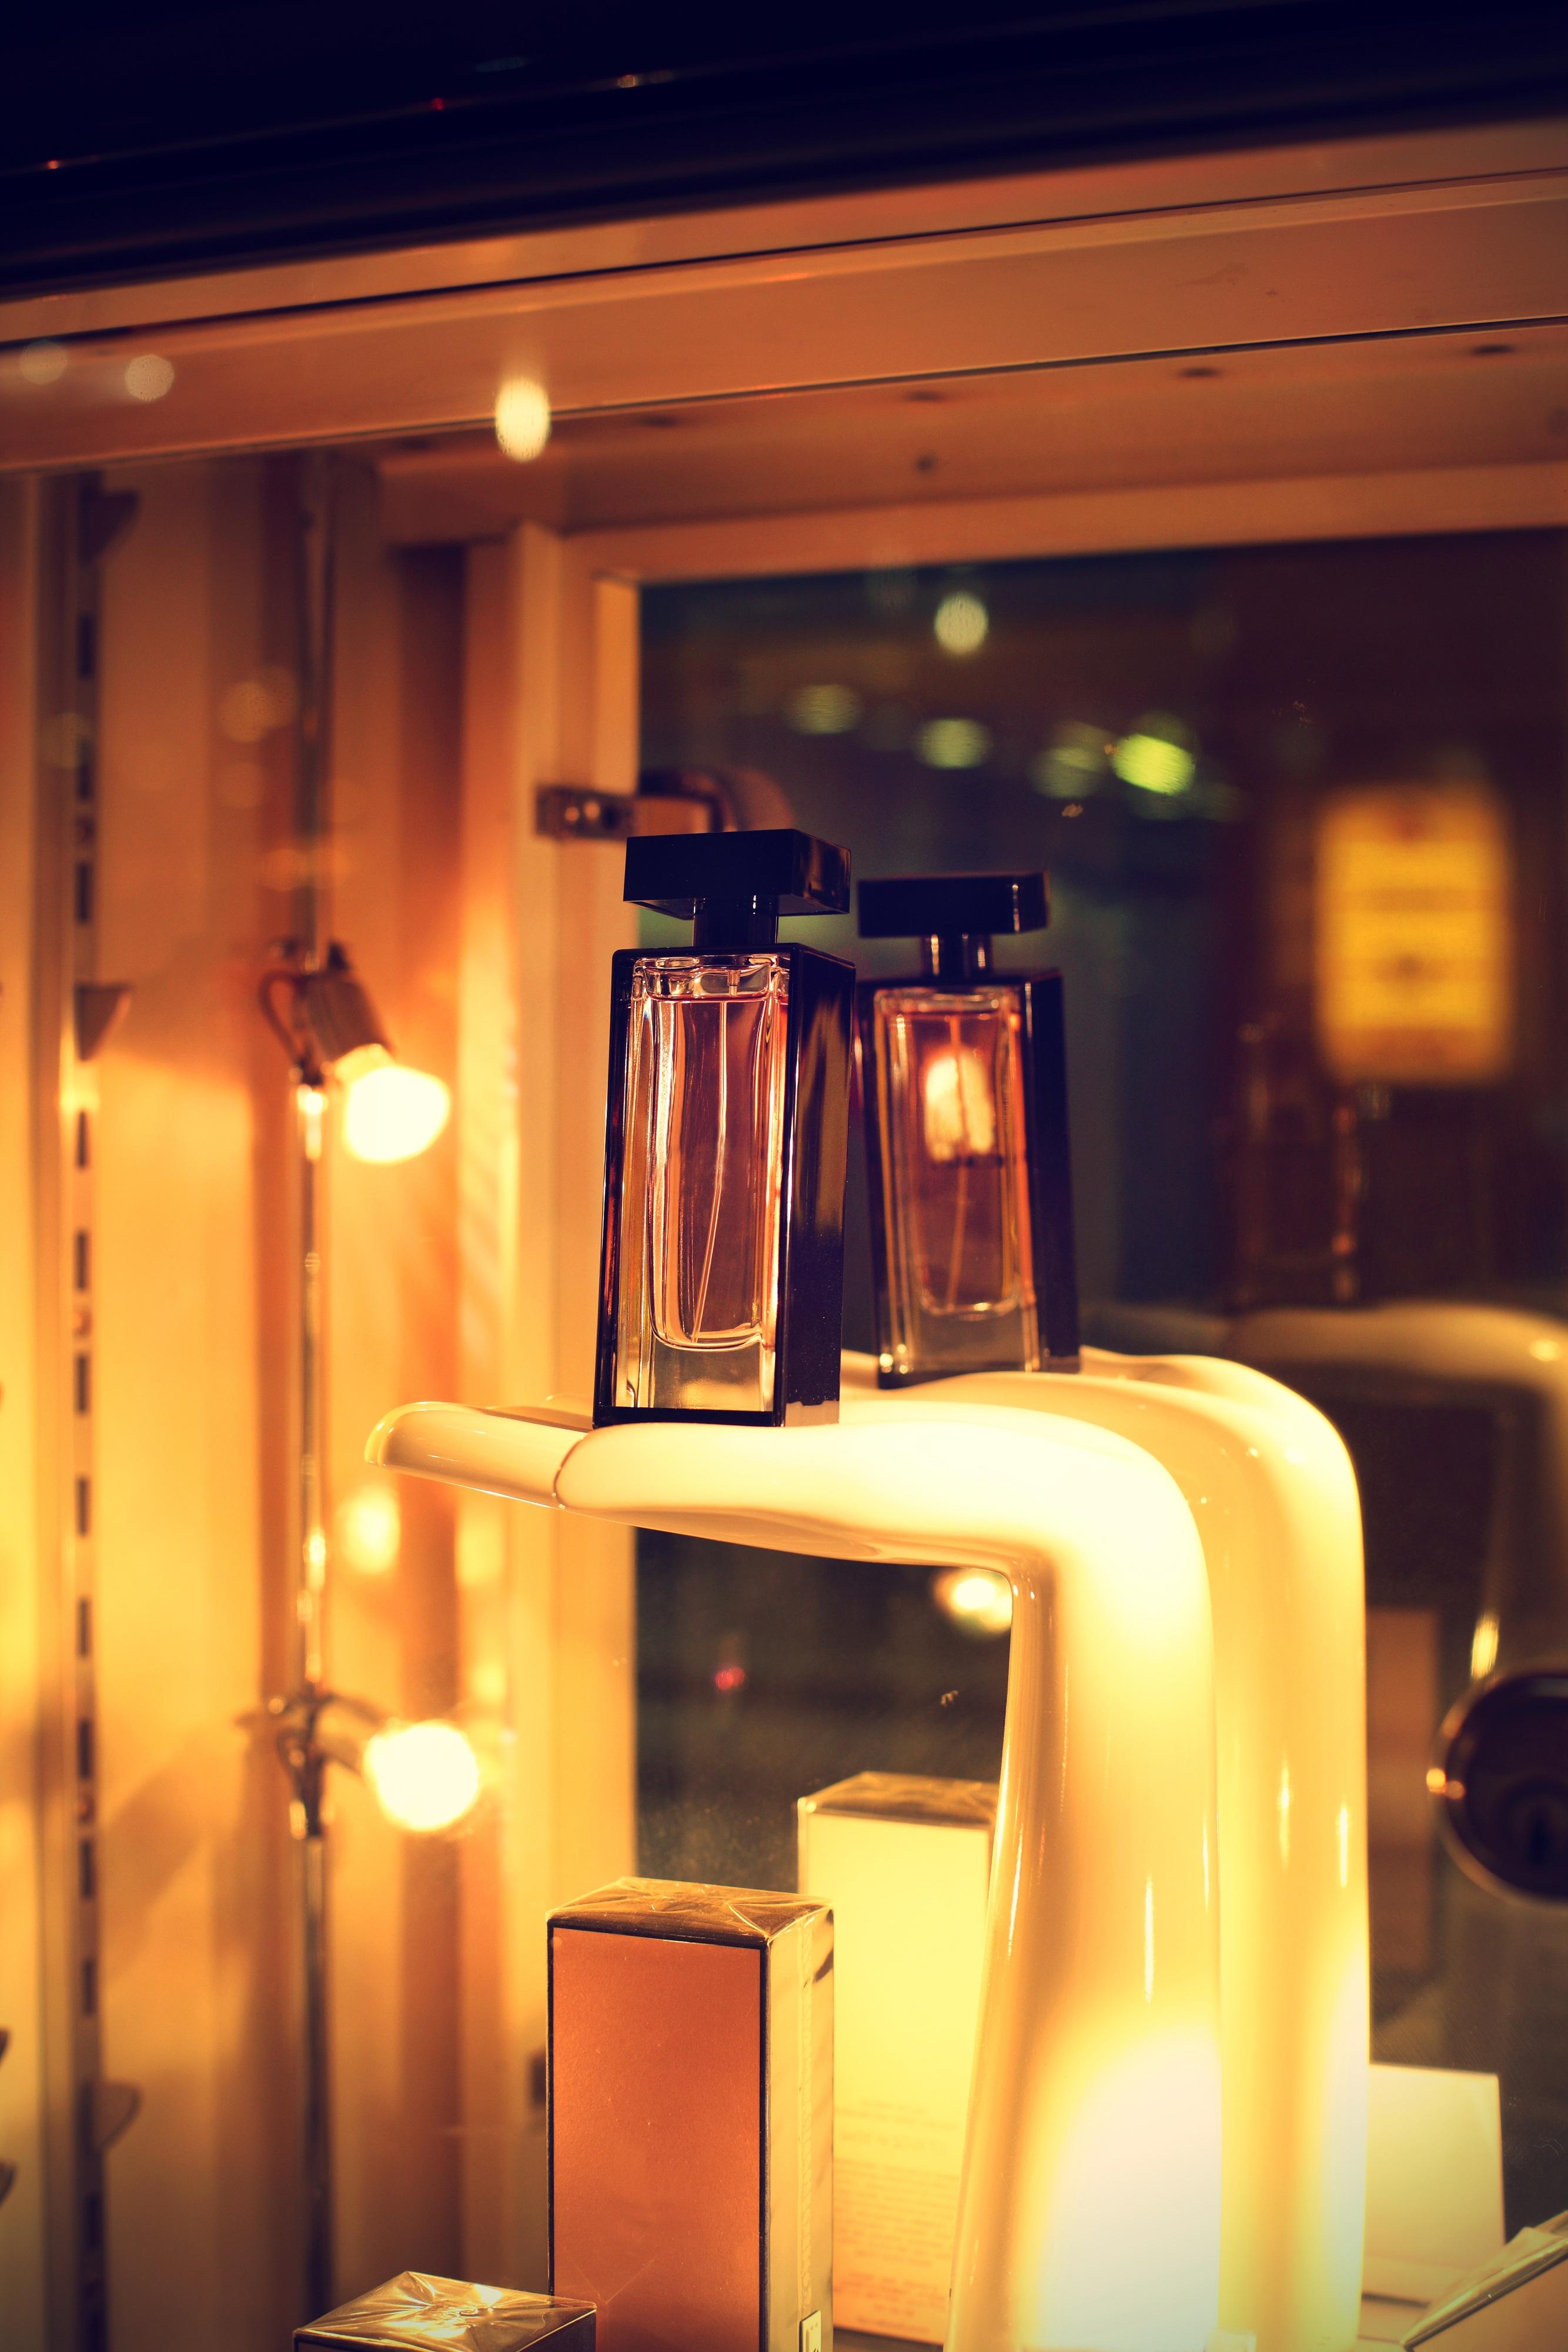 Fotos gratis : mano, ligero, noche, ventana, restaurante, casa, bar ...